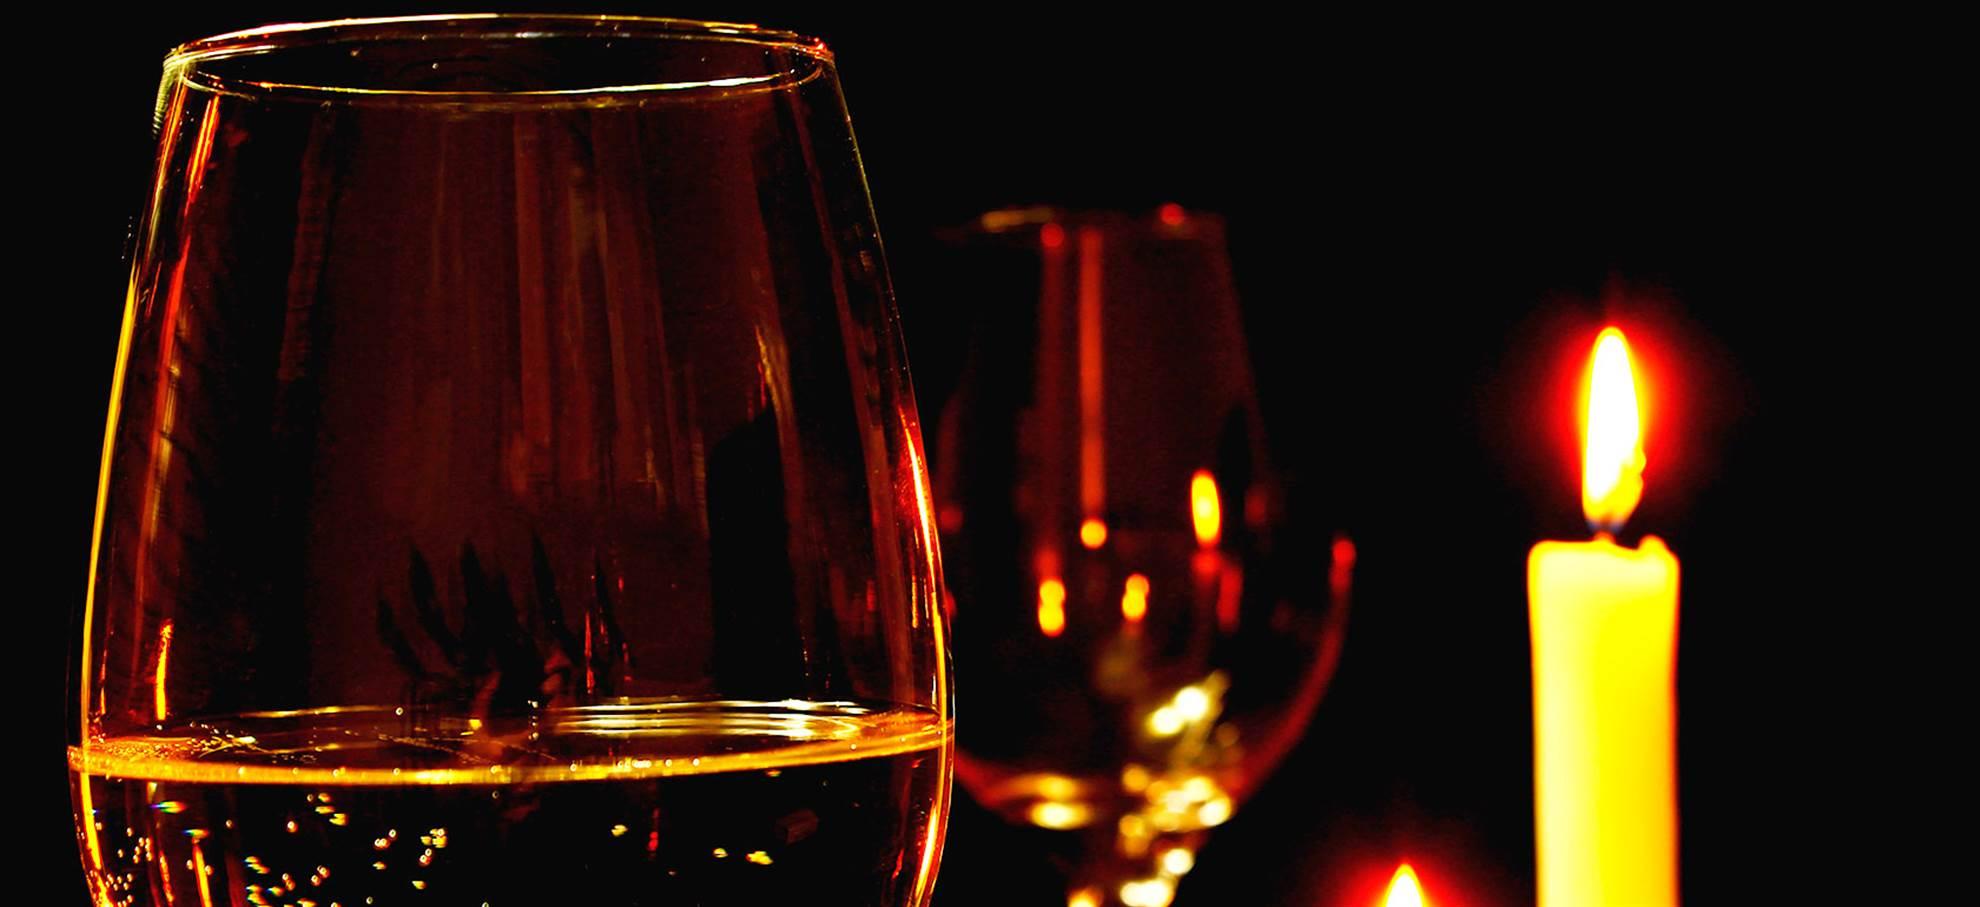 Romantische Bootsfahrt bei Kerzenlicht